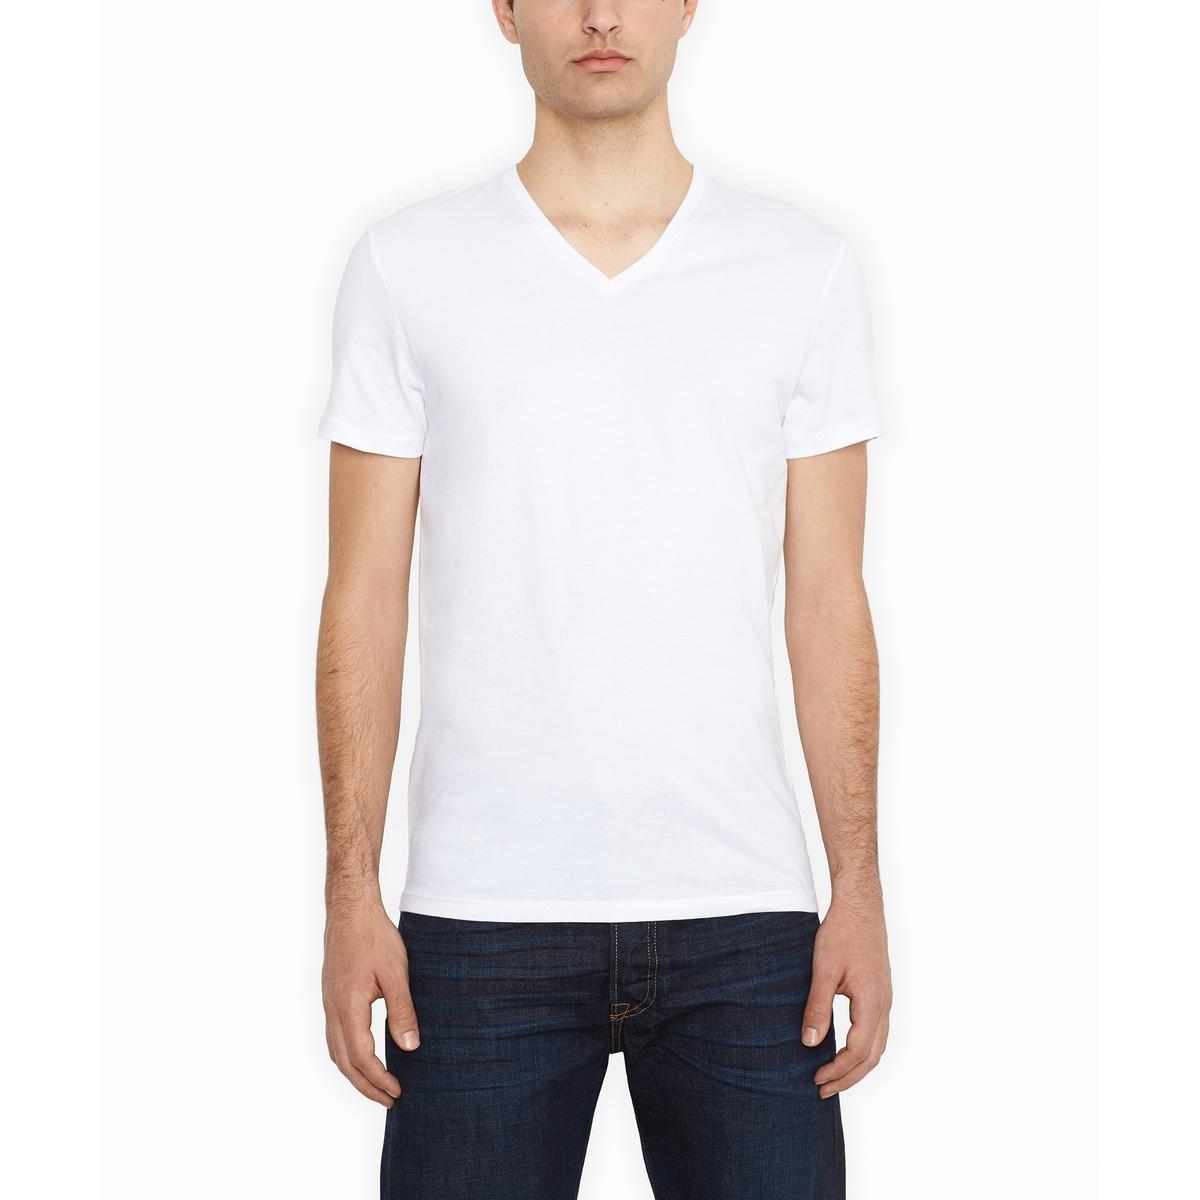 Confezione da 2 t-shirt scollo a V taglio slim